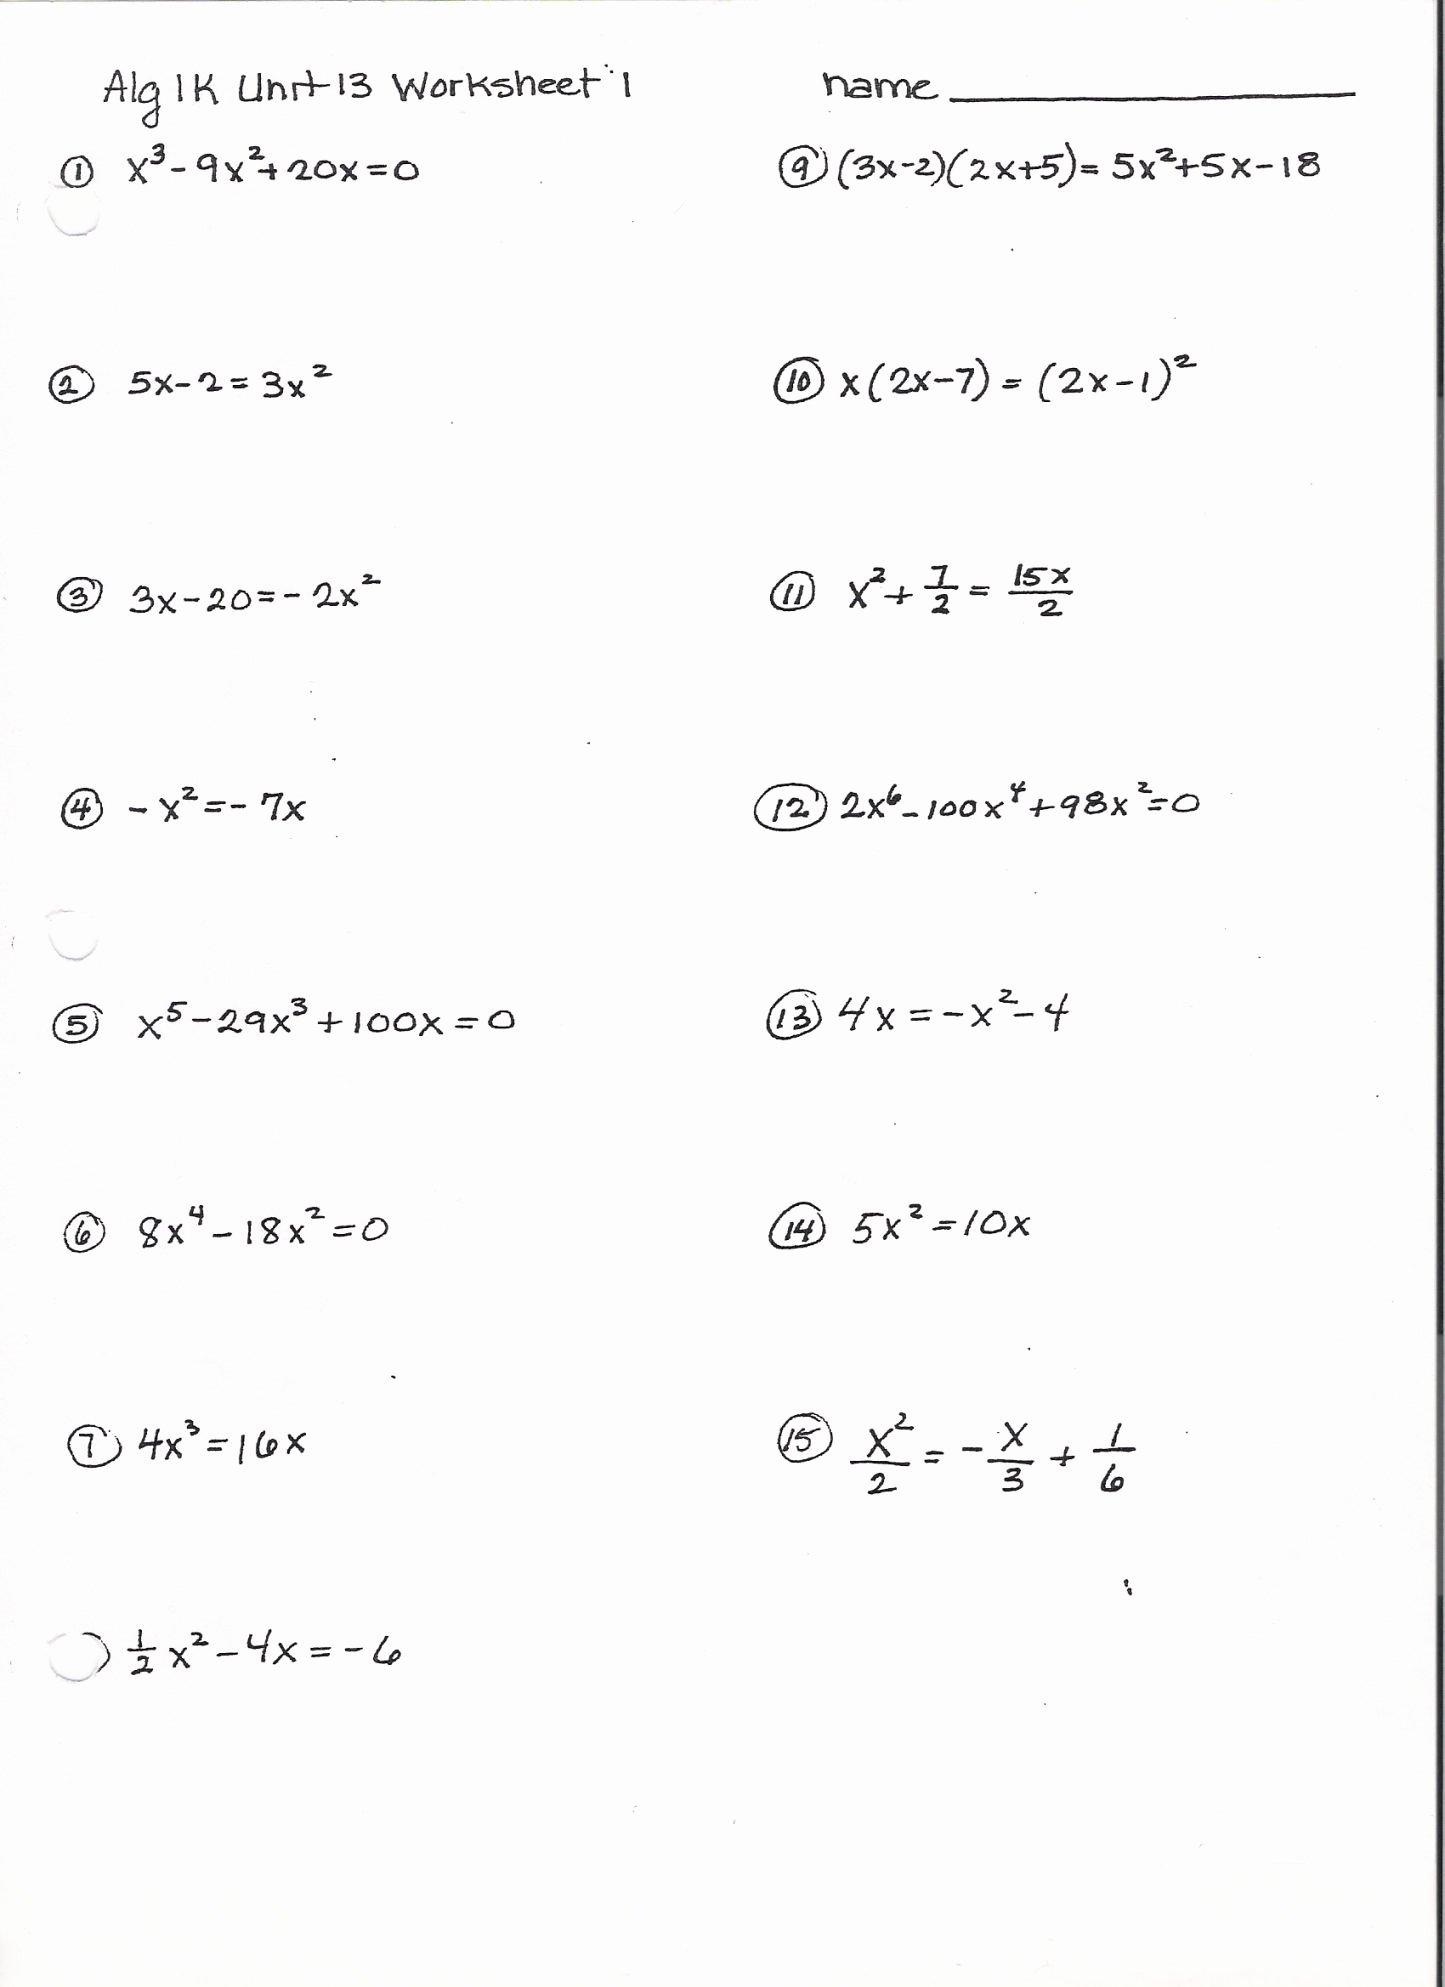 Factoring Trinomials Worksheet Algebra 2 Lovely 7 Bewegungsdiagramm Arbeitsblatt Antwortschlüssel